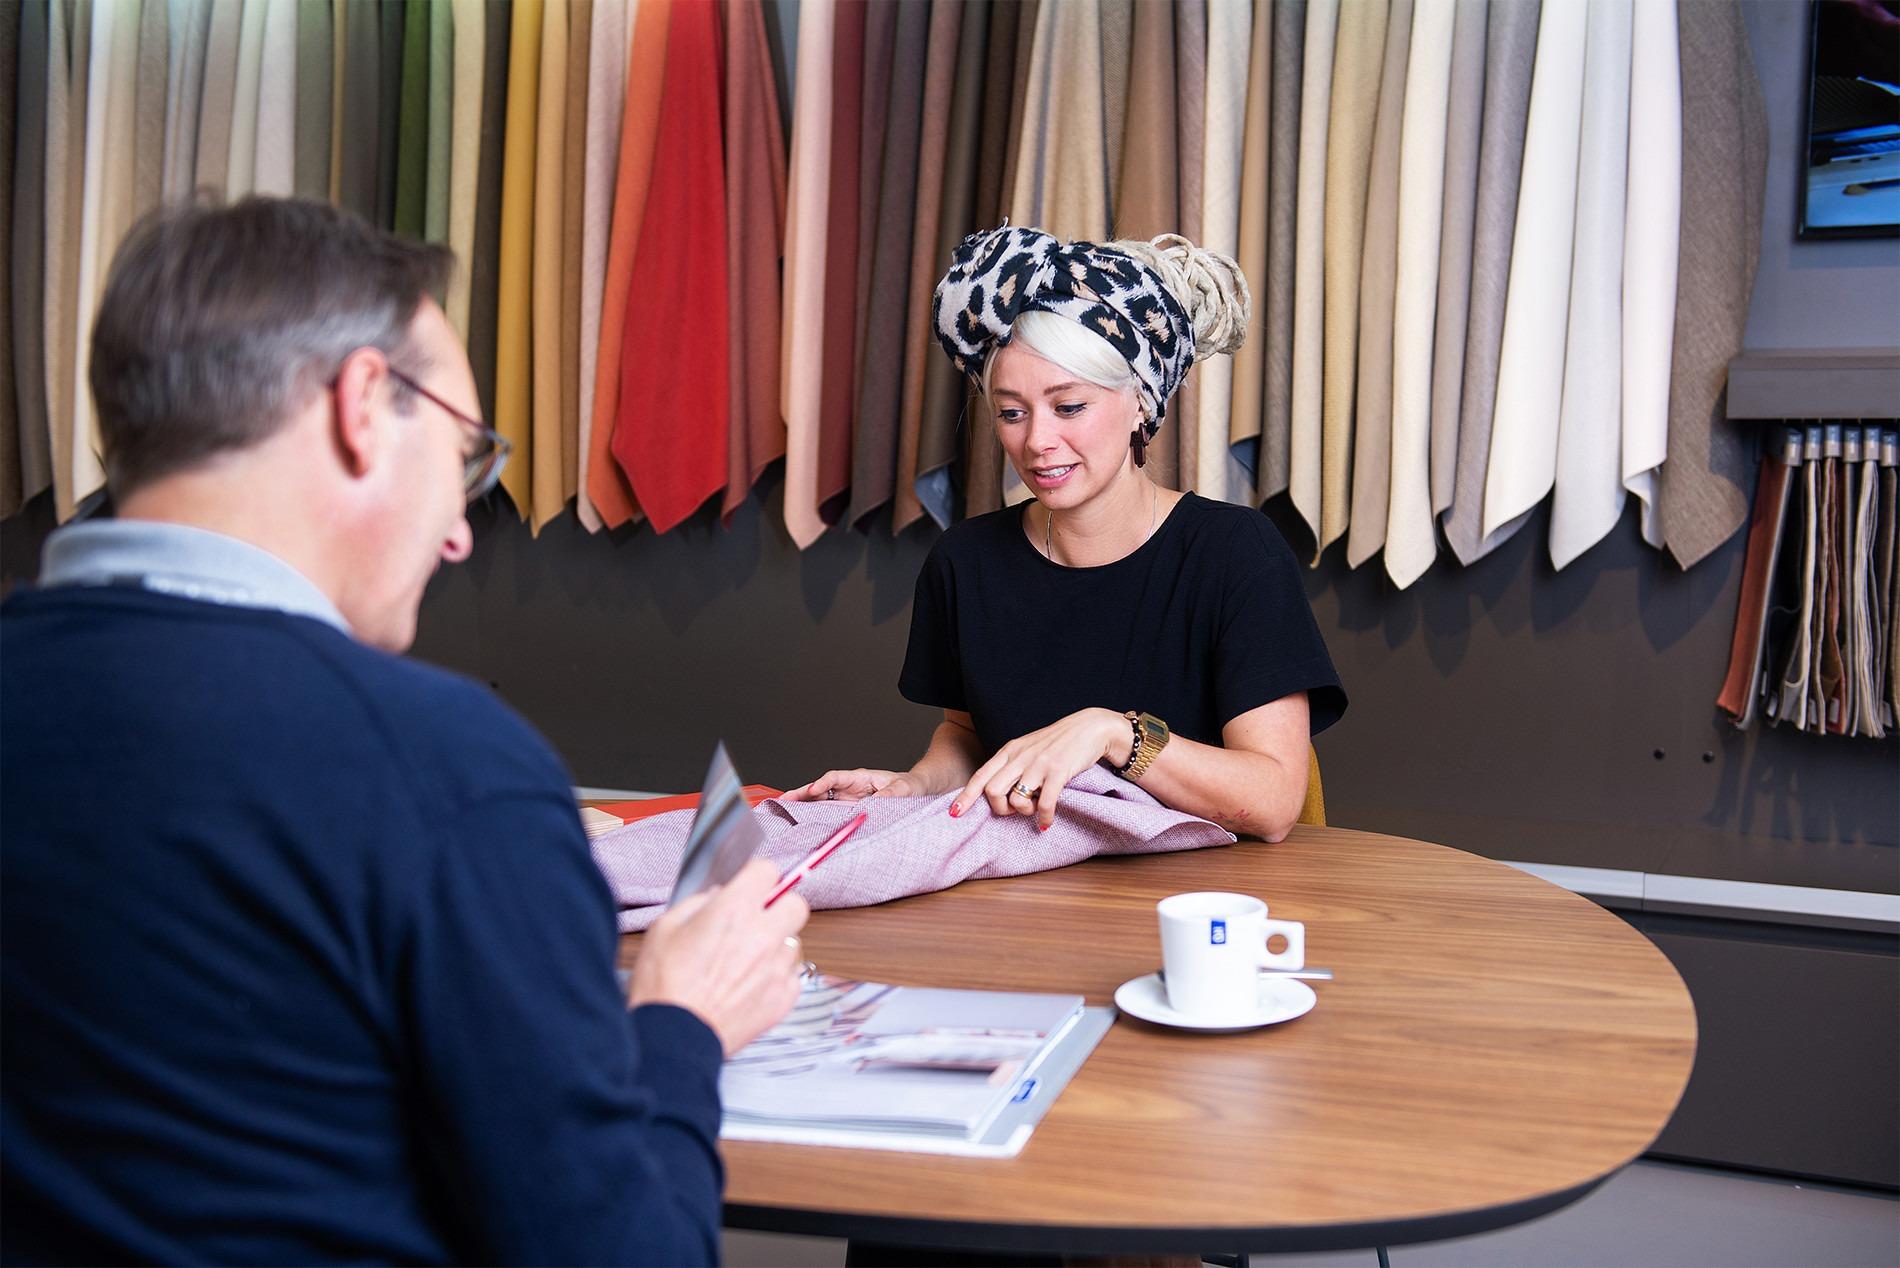 Ontvang persoonlijk advies bij de Auping beddenwinkels in Rotterdam